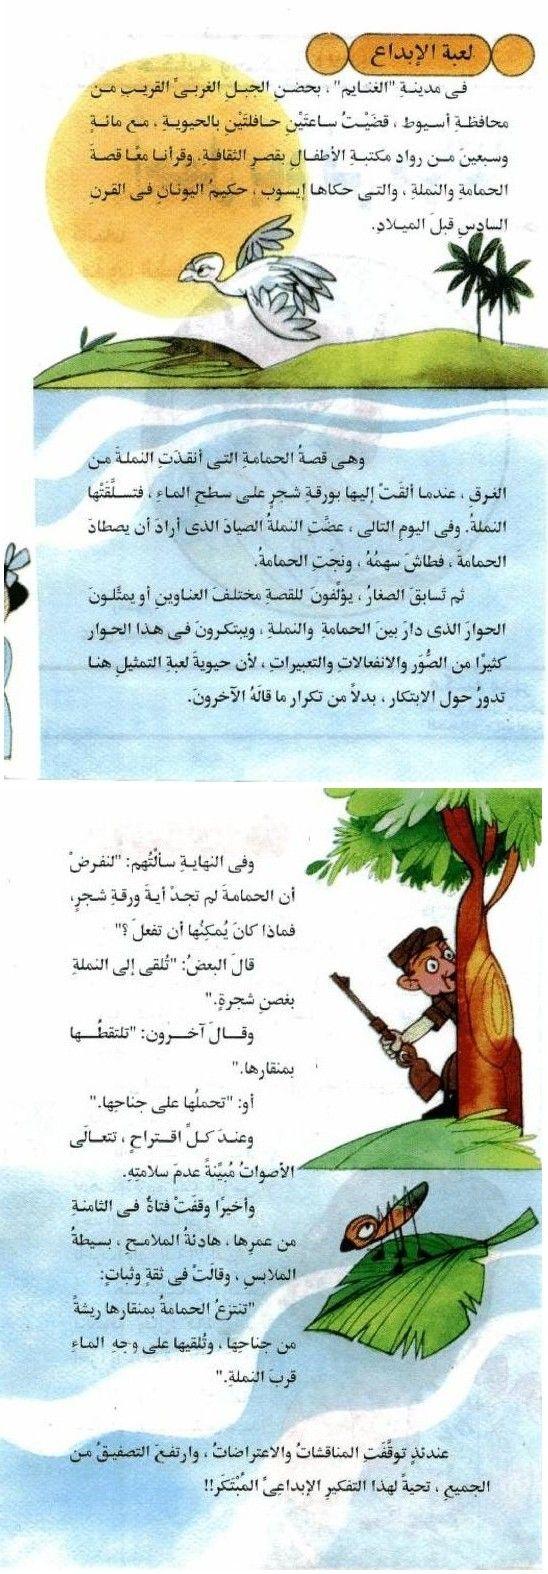 المطالعة المبهجة زهرات من الوادي الخصيب و بقايا الورقات الخضر في الشجرة الجرداء Genies Arabic Stories